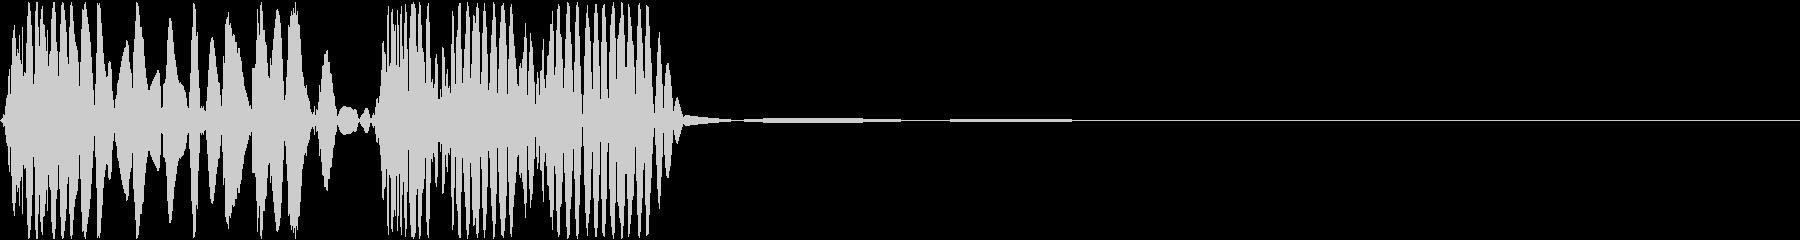 ポコッ(タッチ音)の未再生の波形